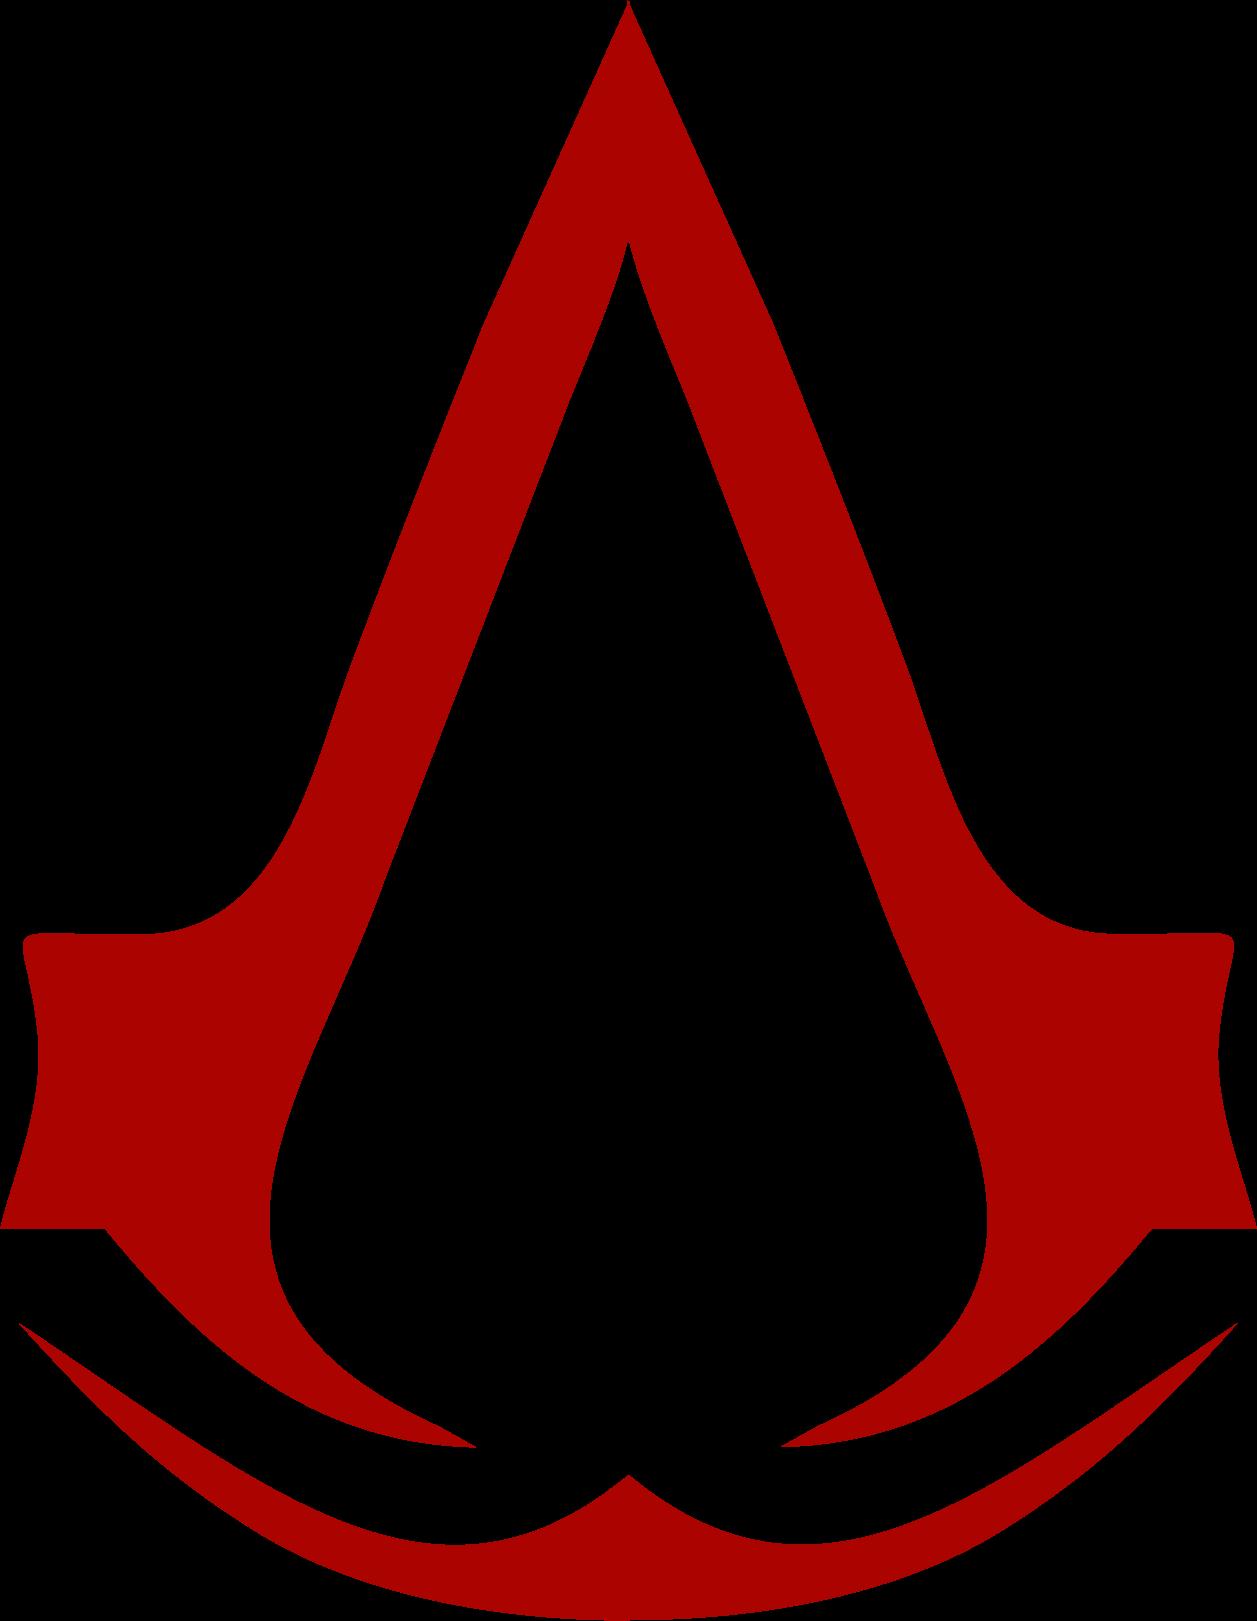 Assassins Creed A Logo transparent PNG.